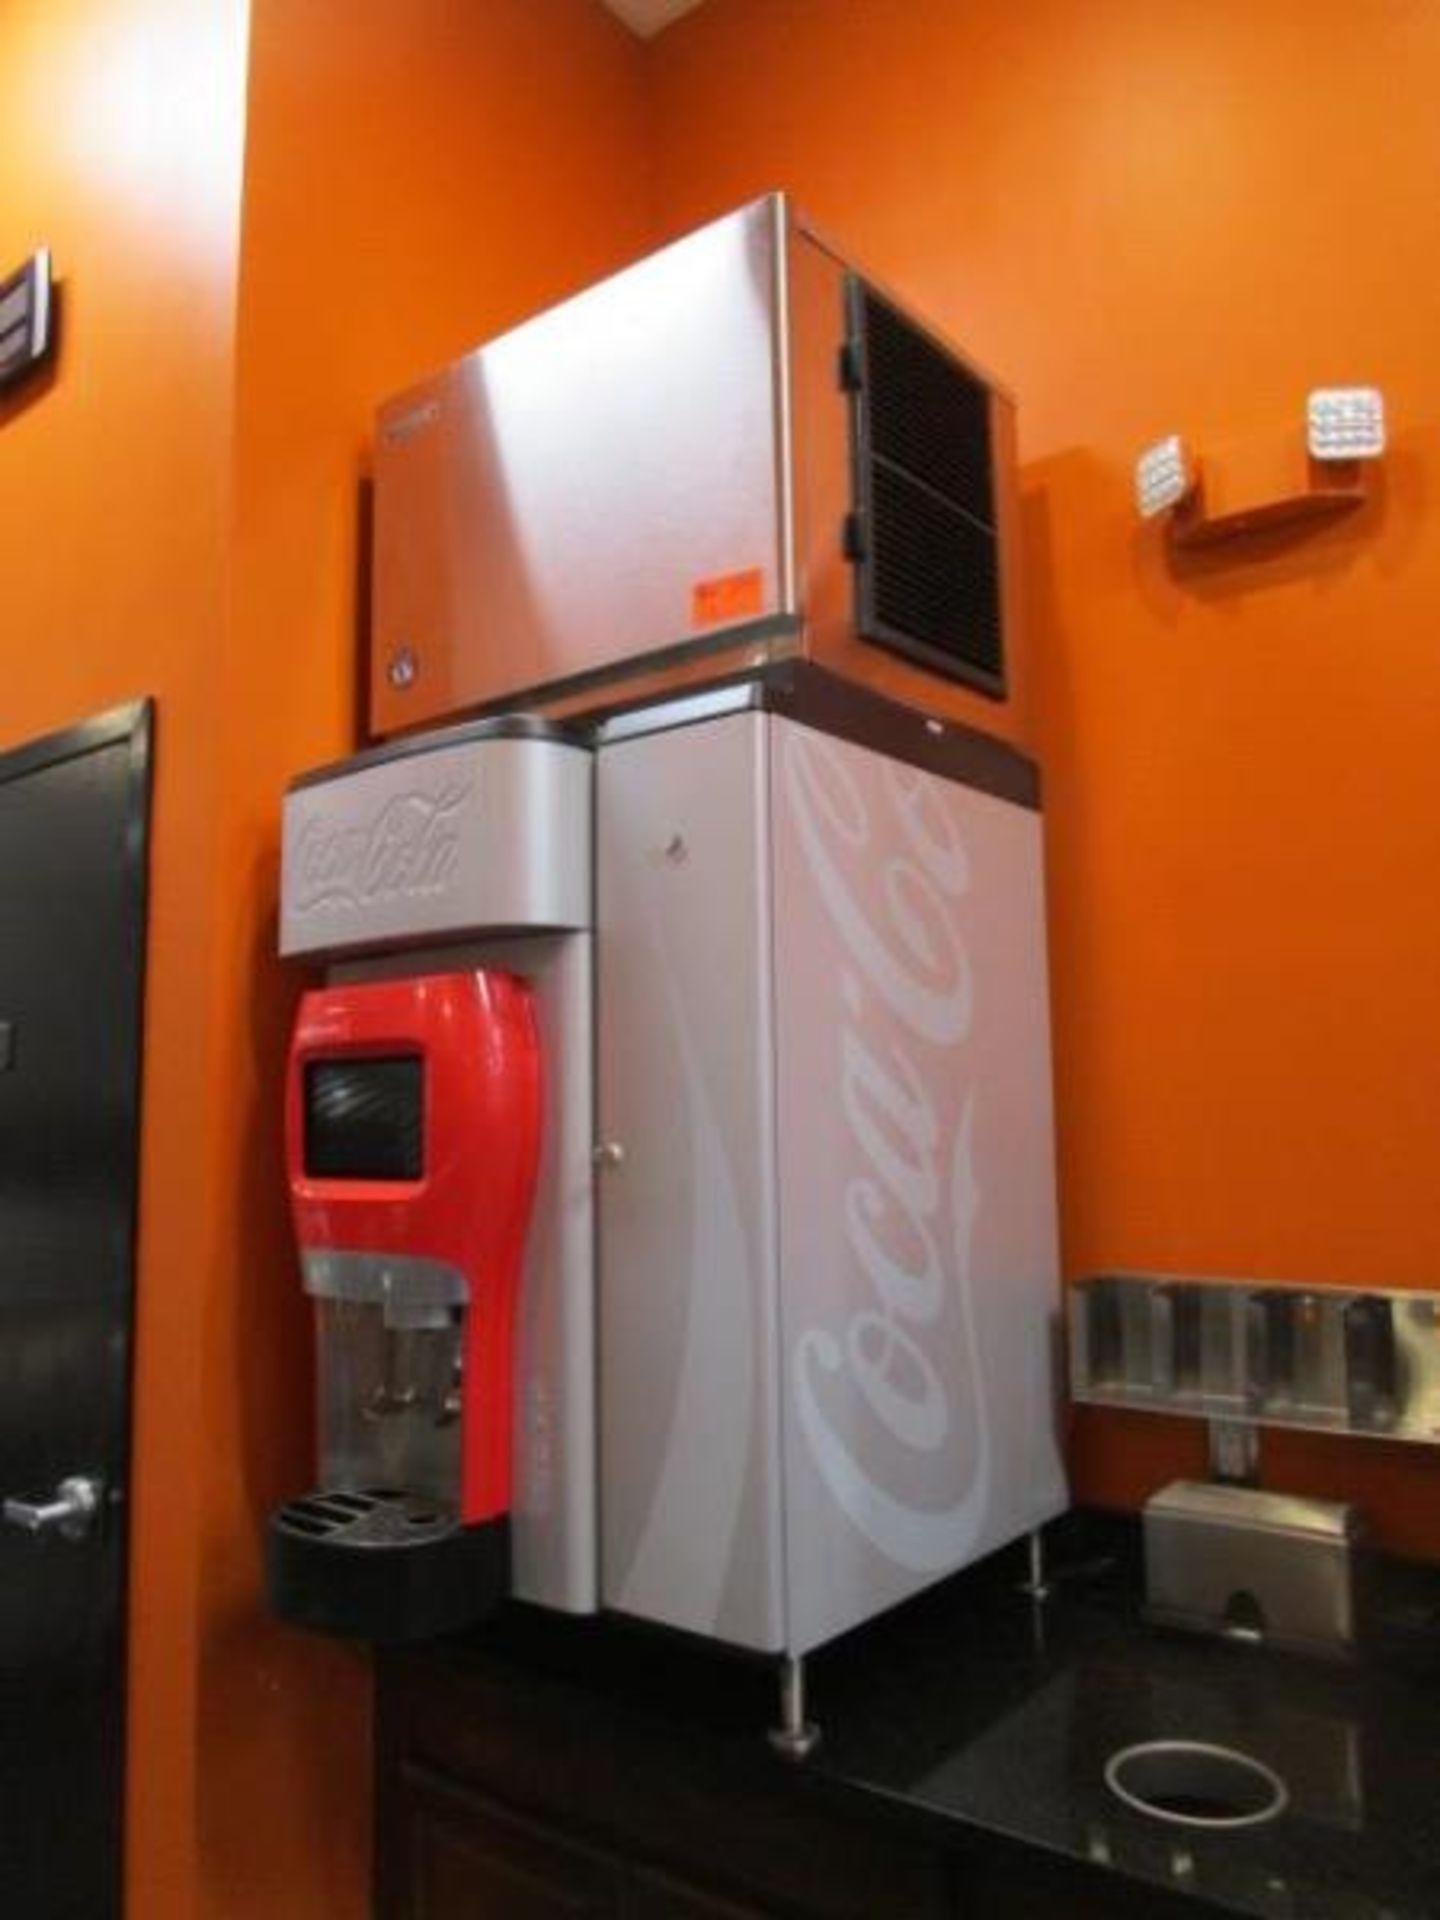 Lot 13 - Hoshizaki Ice Machine w/ No Storage Means, Model: KMD-460MMAH, SN: G01557B